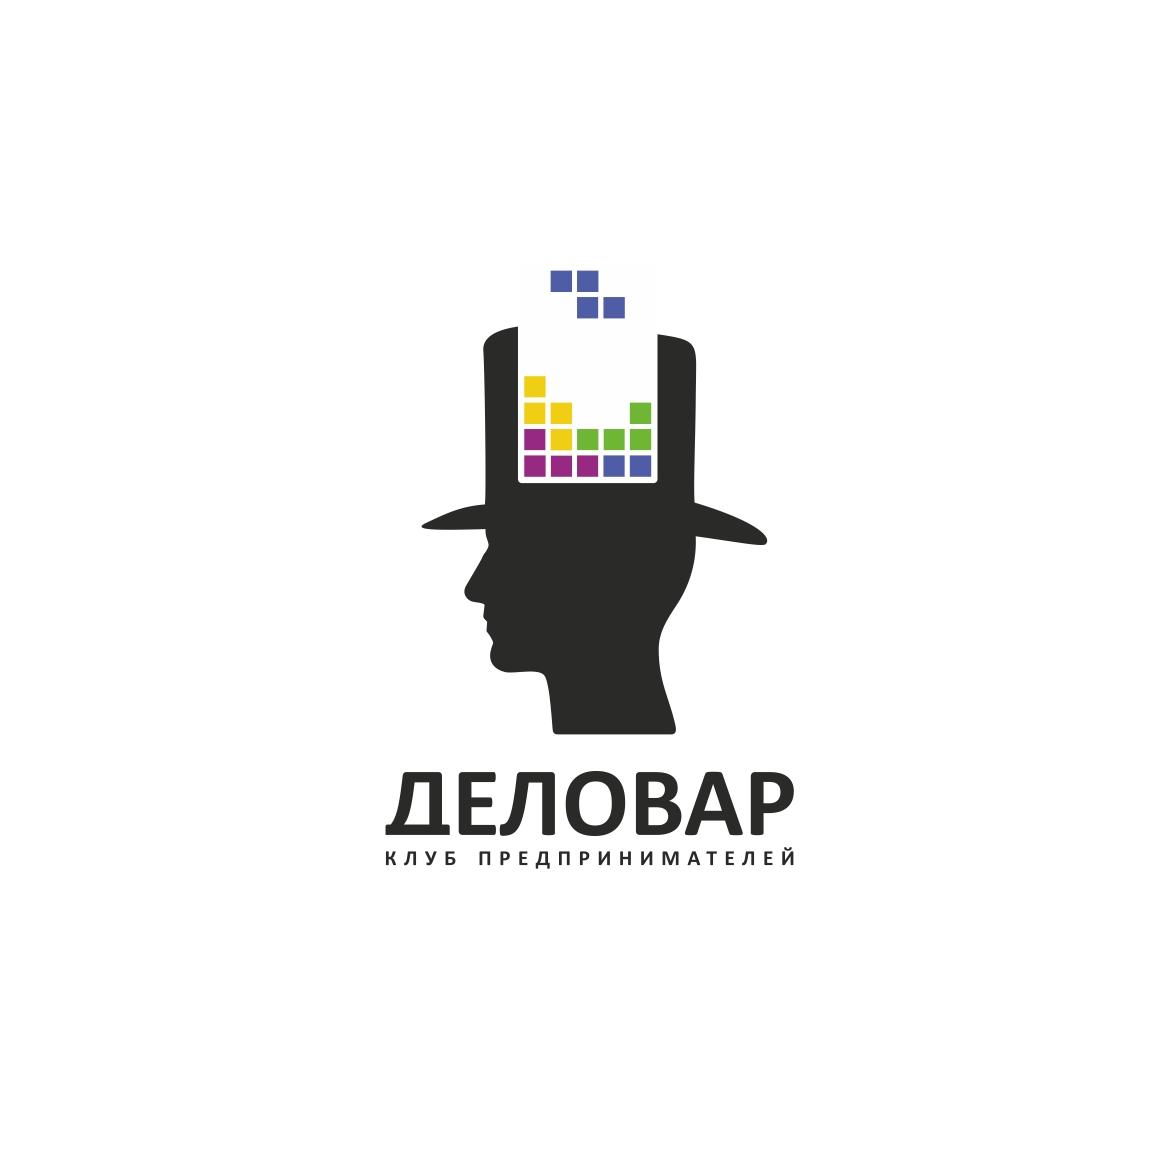 """Логотип и фирм. стиль для Клуба предпринимателей """"Деловар"""" фото f_5048c35071562.jpg"""